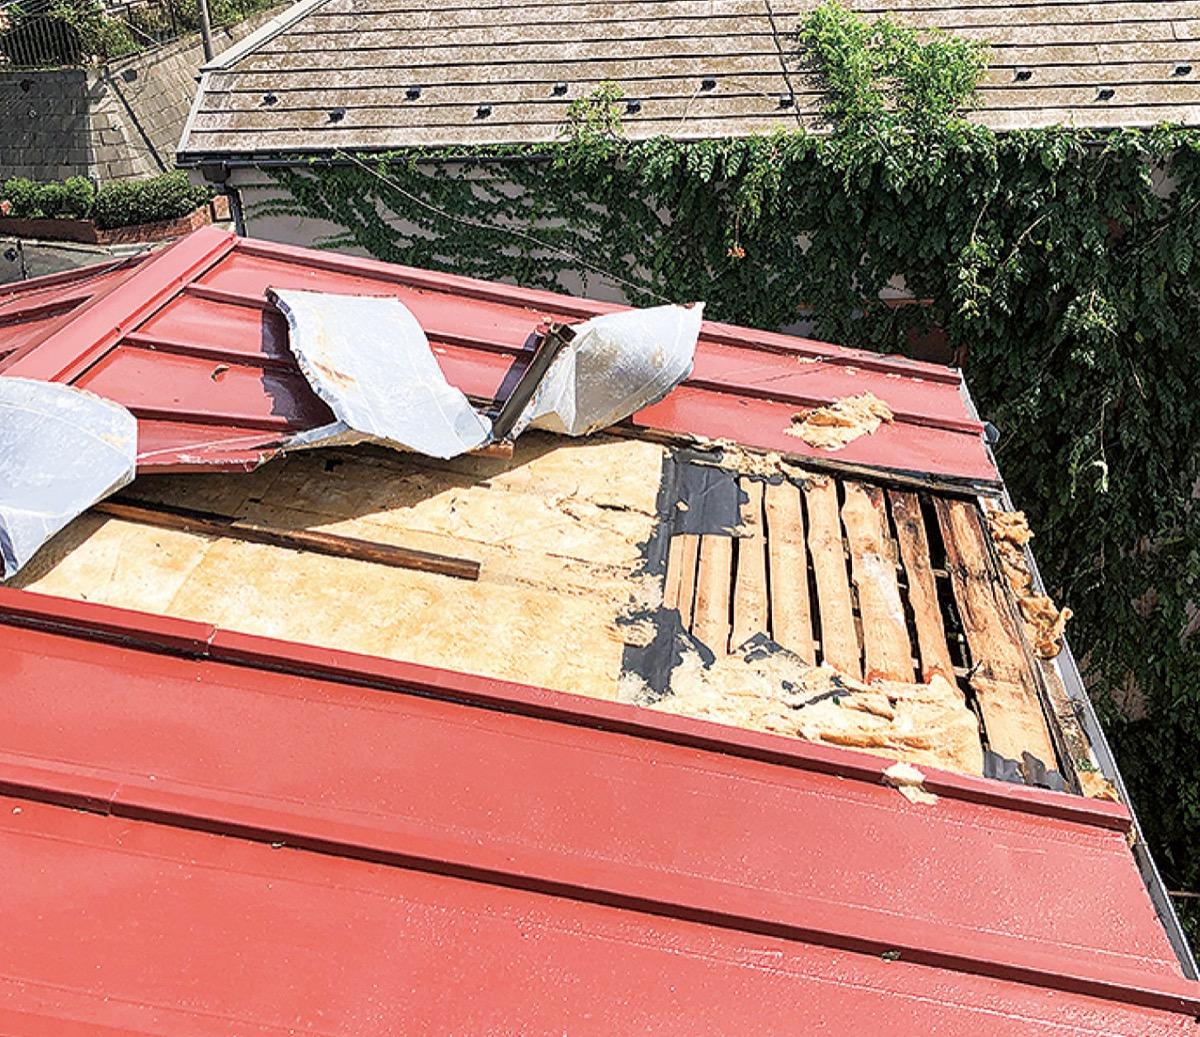 火災保険で無料修繕 過去の台風被害も対象  株式会社相模創建 | 大和 | タウンニュース